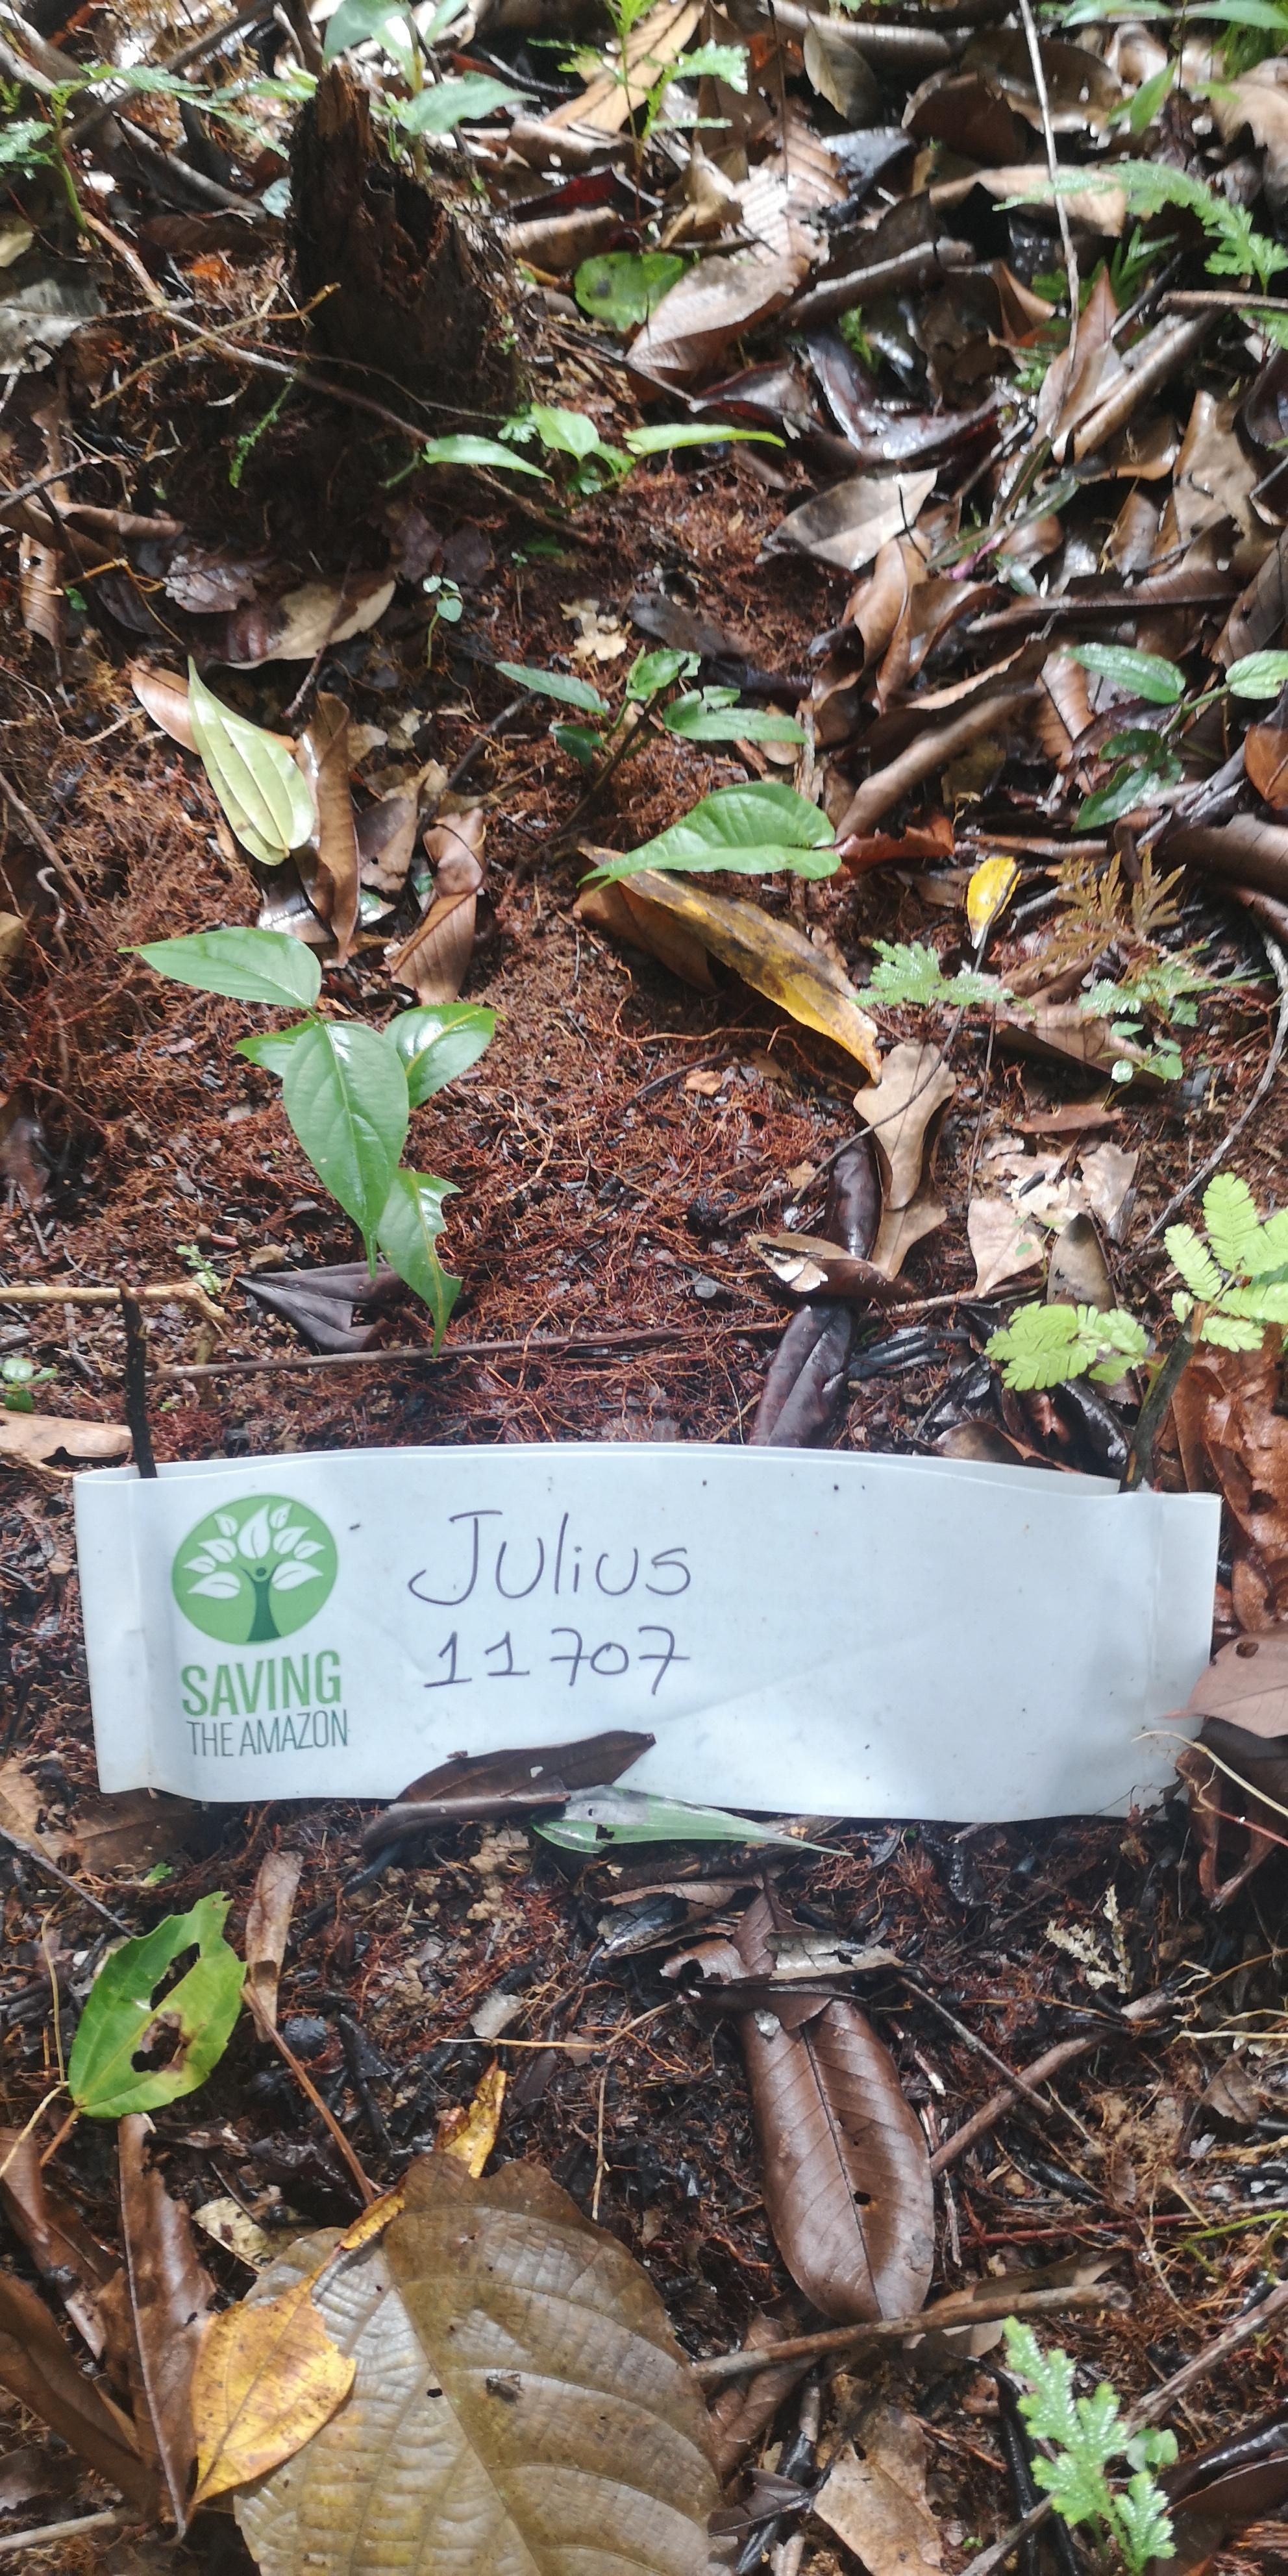 Julius .